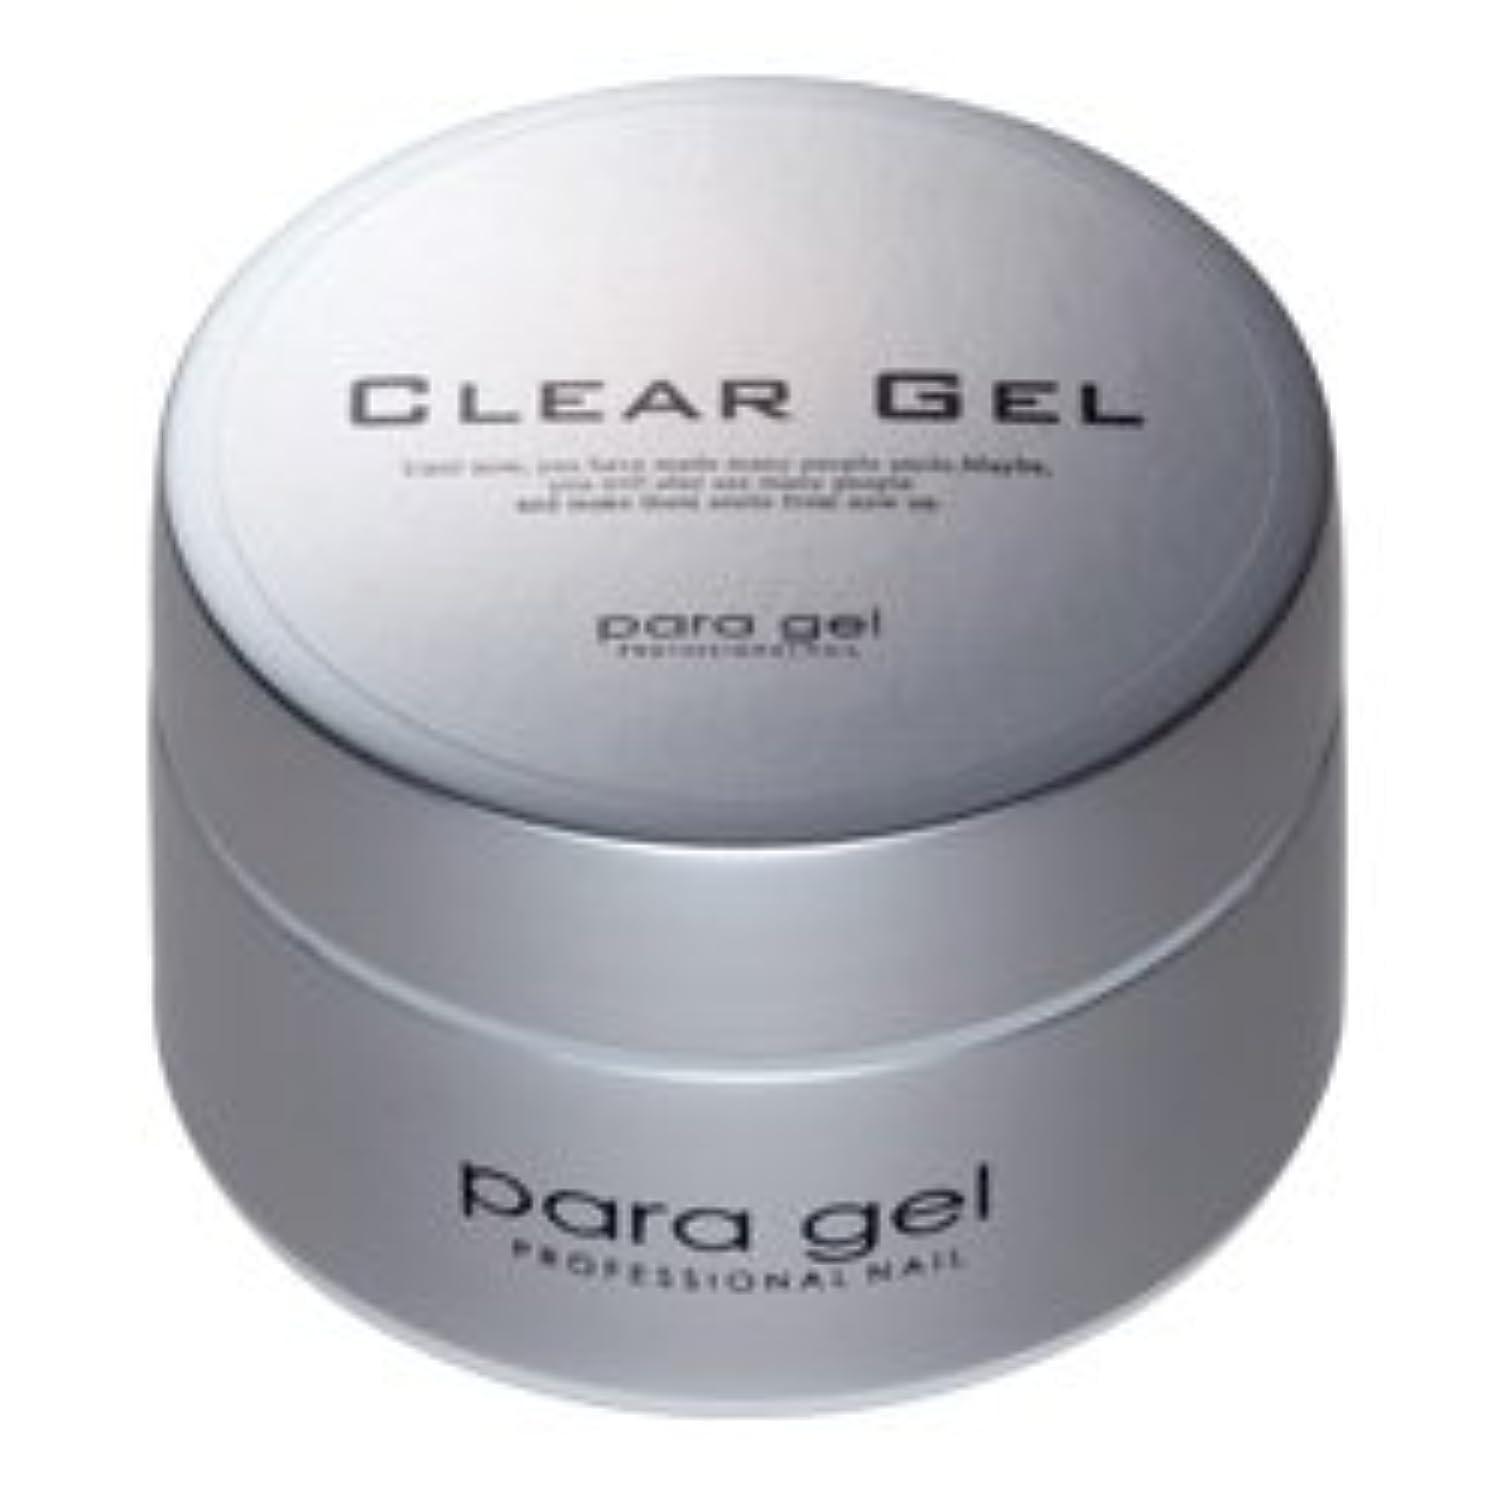 太いデコラティブチューブ★para gel(パラジェル) <BR>クリアジェル 10g